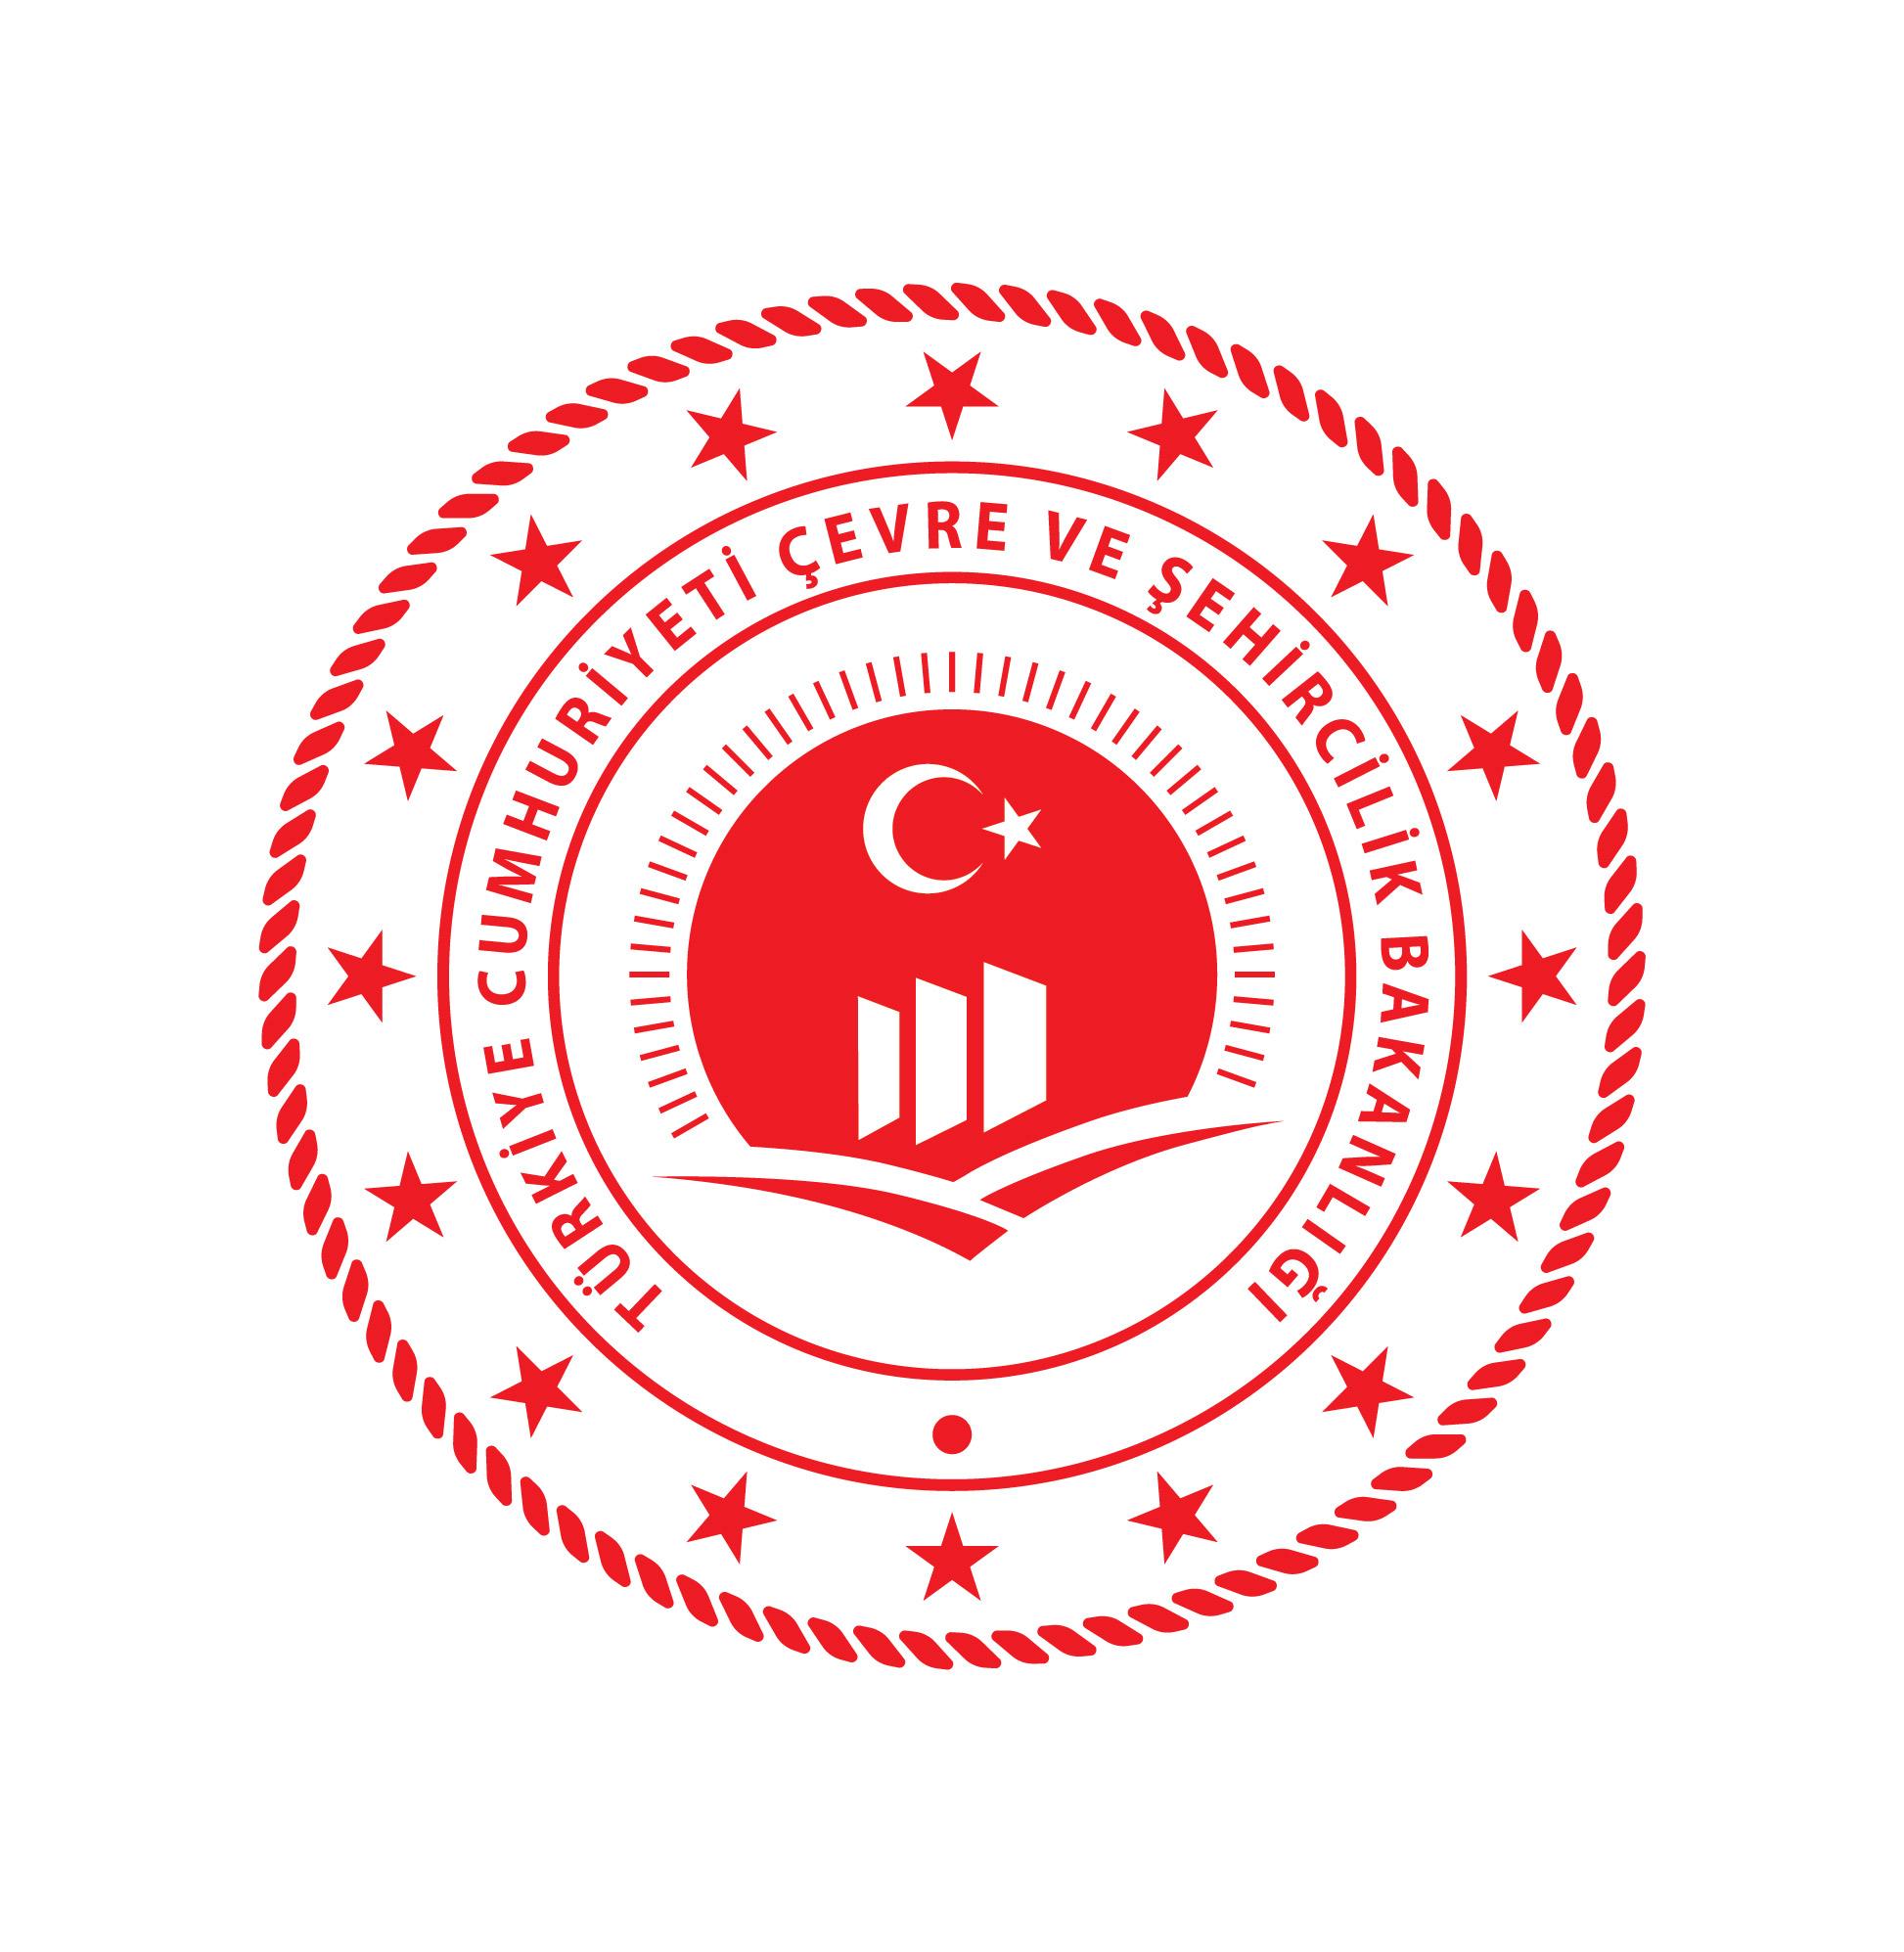 15 Temmuz Demokrasi ve Milli Birlik Günü Mesajı.